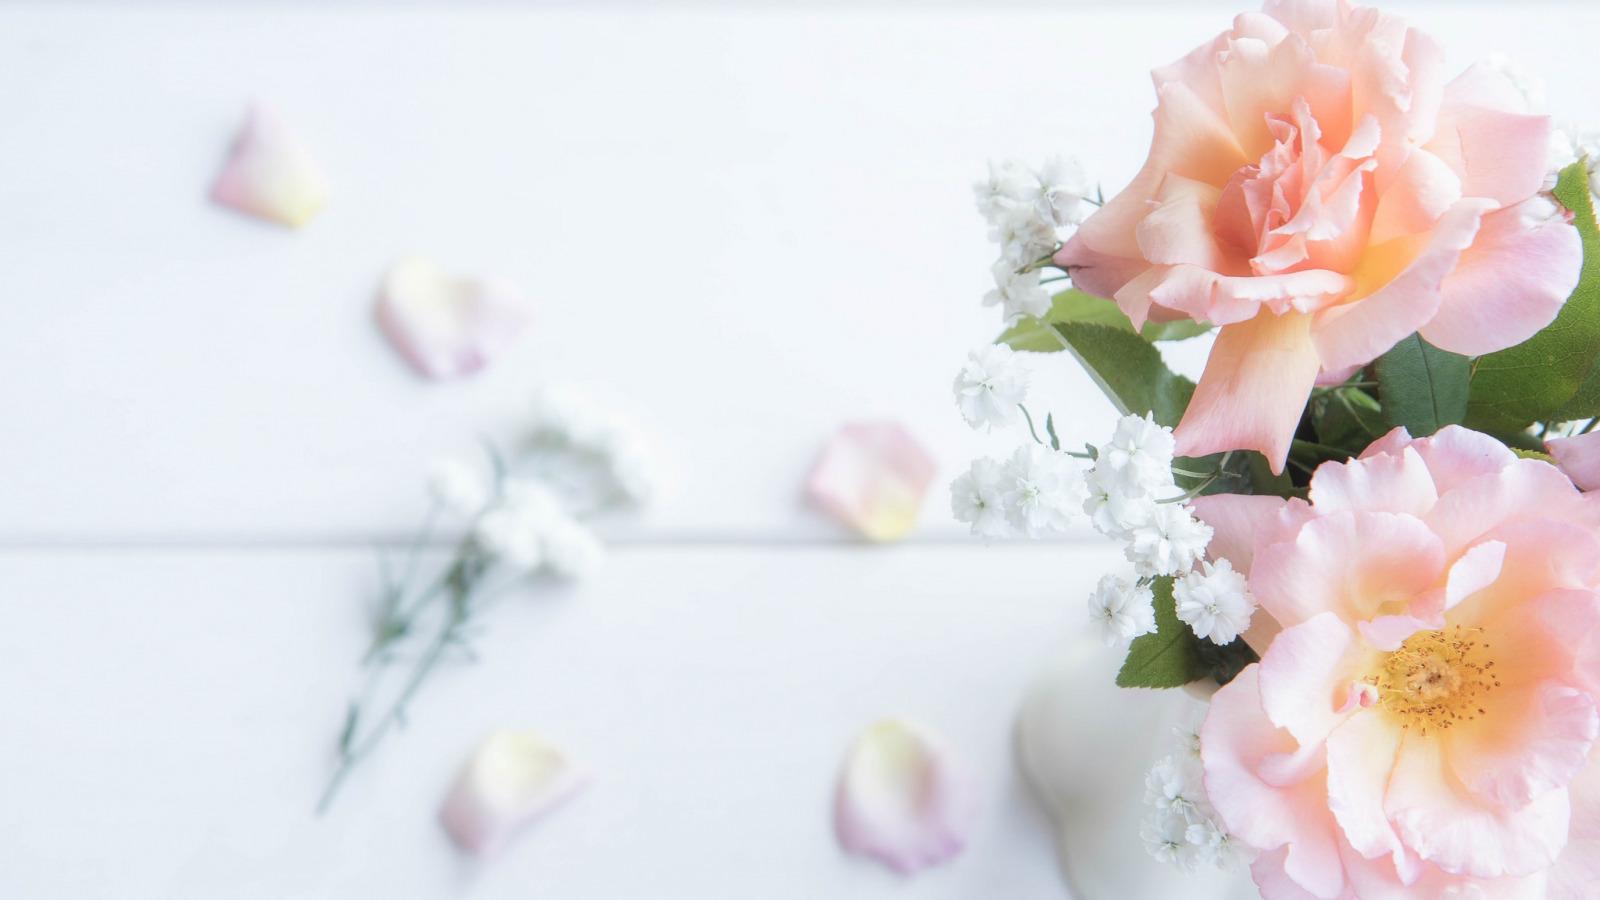 Фотообои на стену Белые нежные цветы - Луг - Цветы - Фотообои